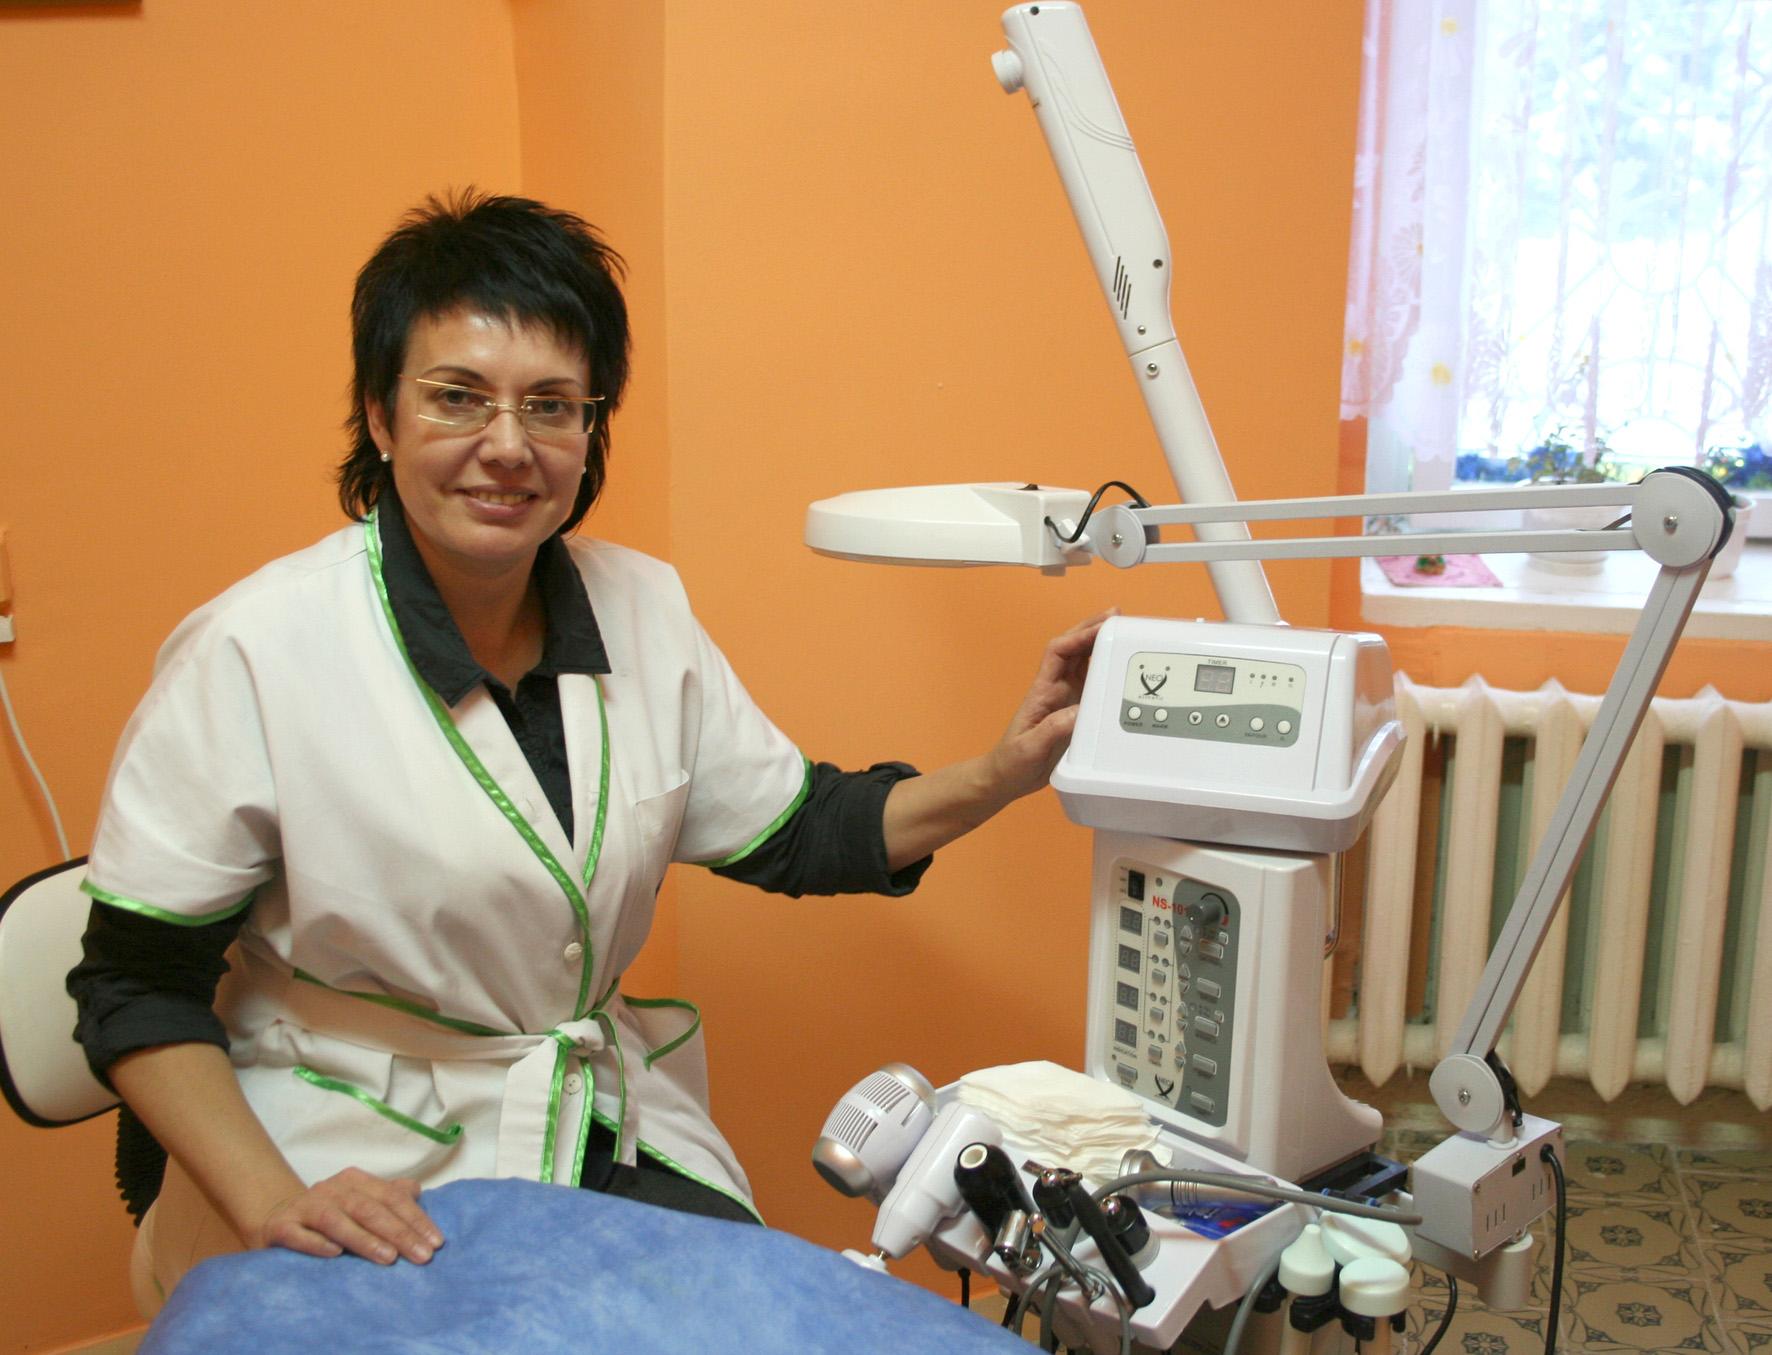 Санатории белоруссии для лечении простатита бег при хроническом простатите